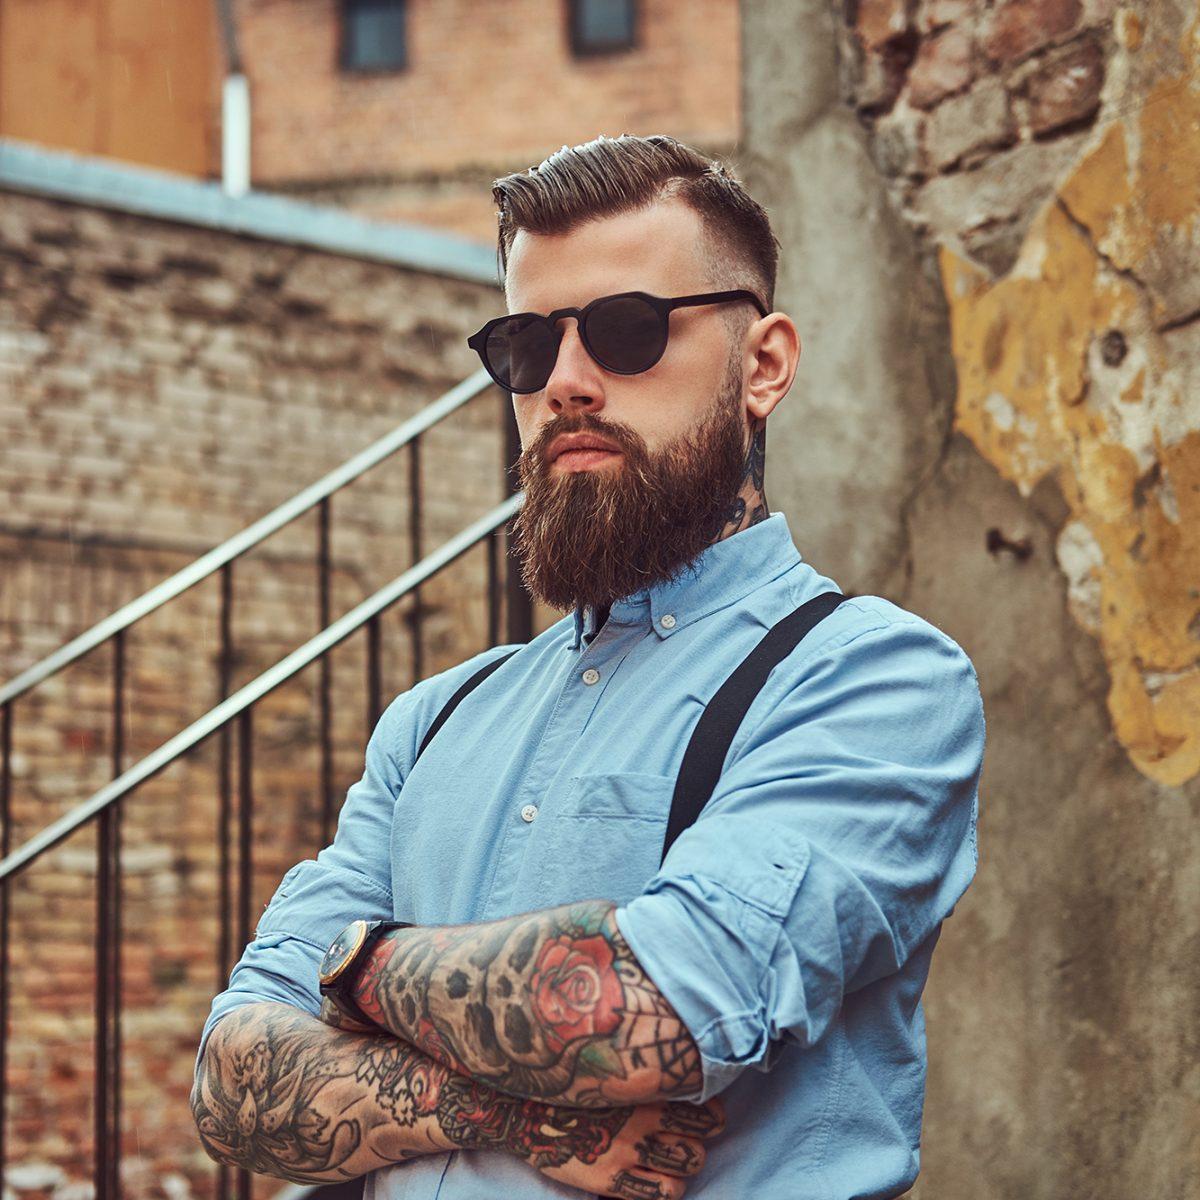 Maxime-homme-page-accueil-barbier-coiffeur-noyon17